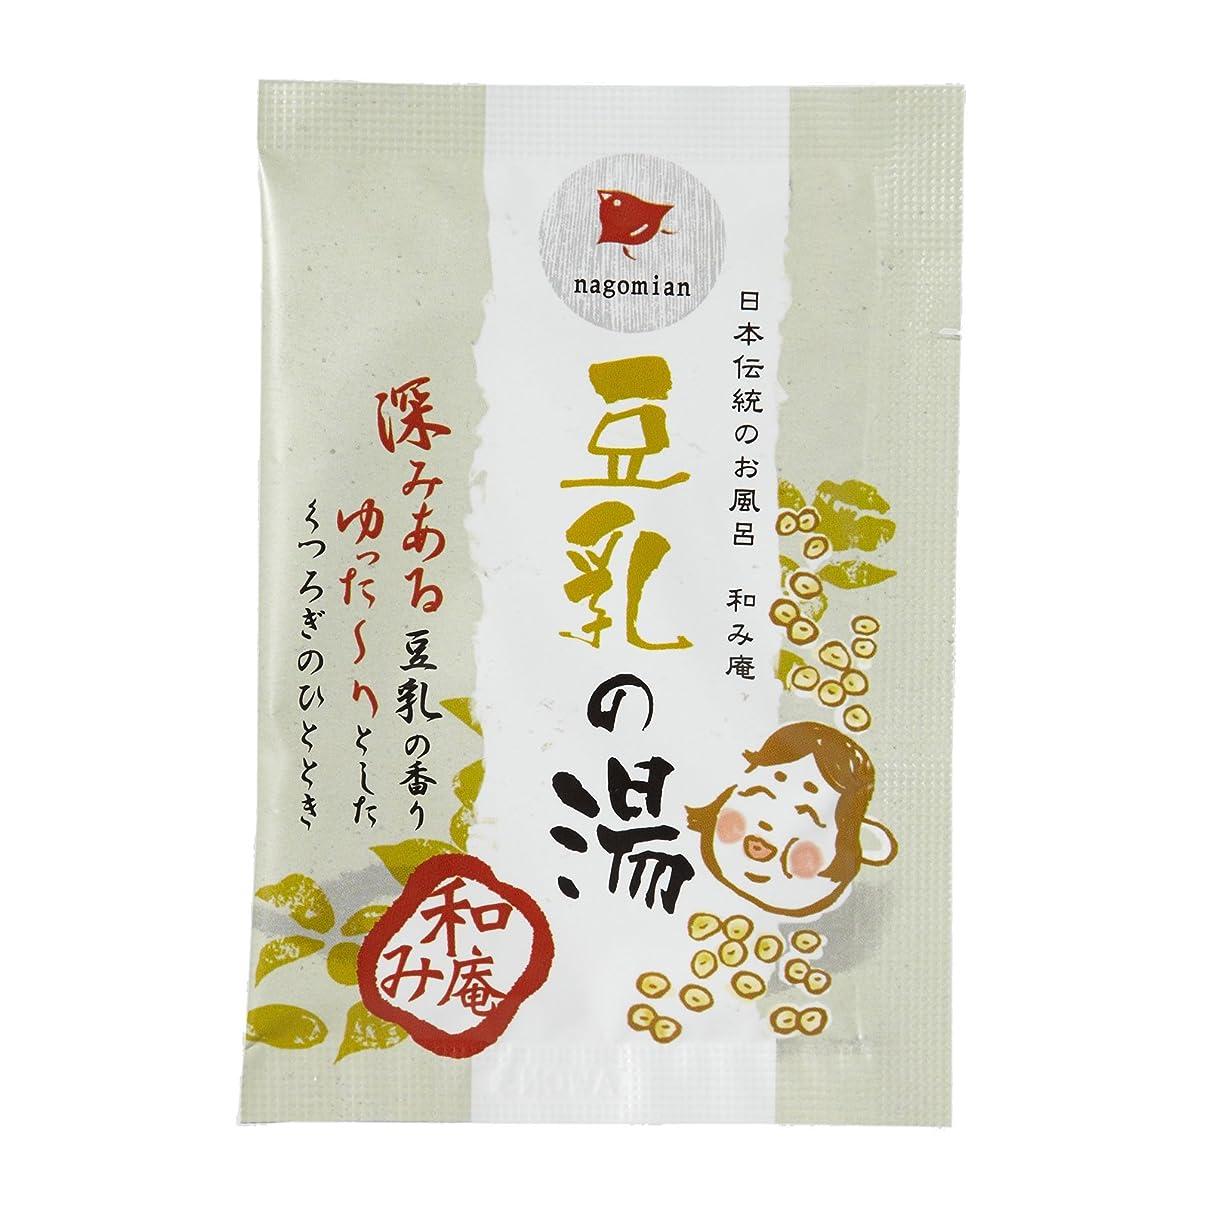 こしょうモーテル雪だるま和み庵 豆乳の湯 25g 40個